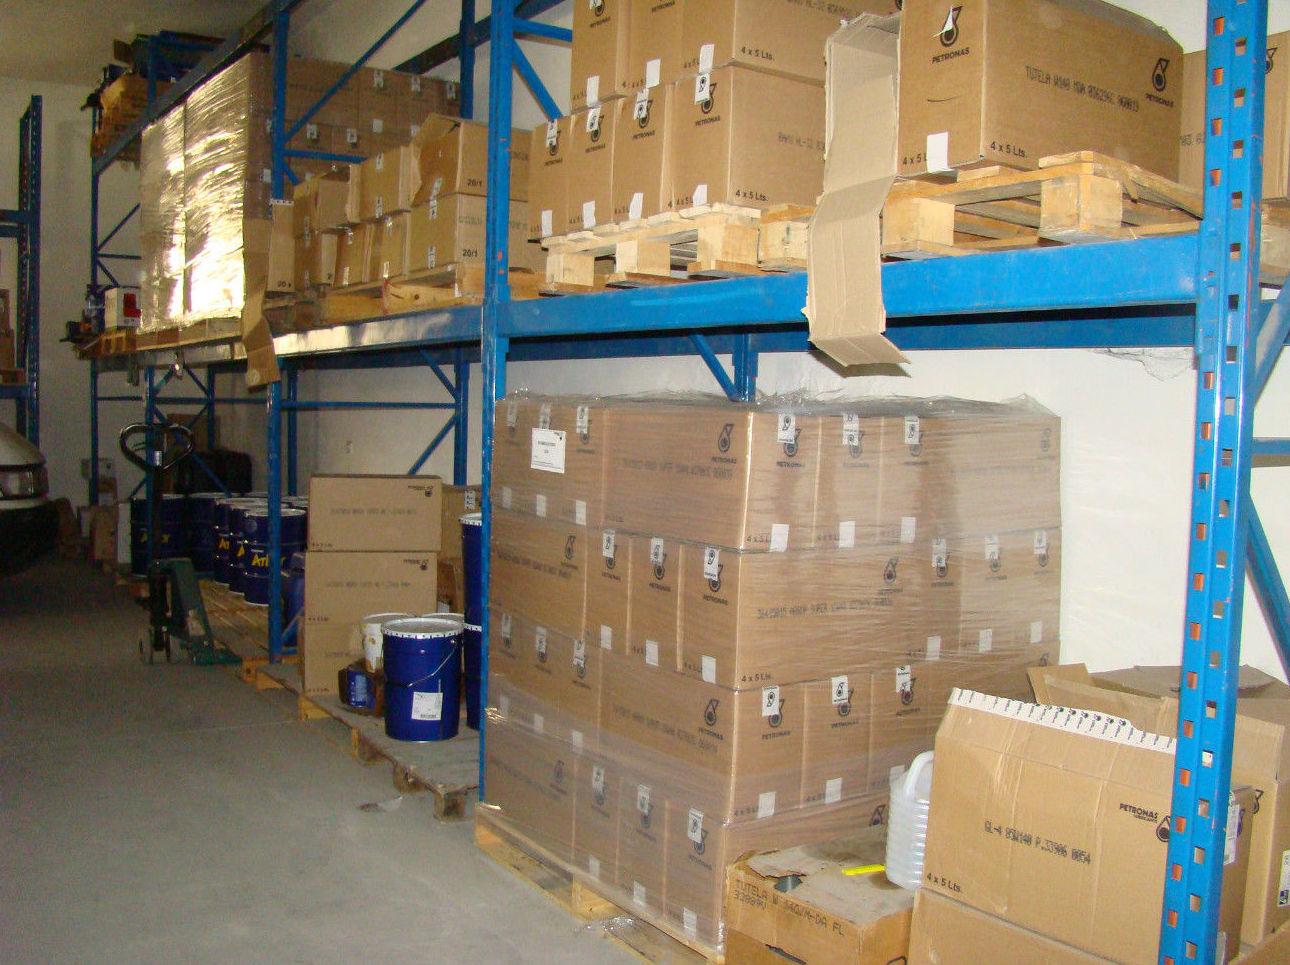 Venta y distribución de repuestos y lubricantes para la automoción